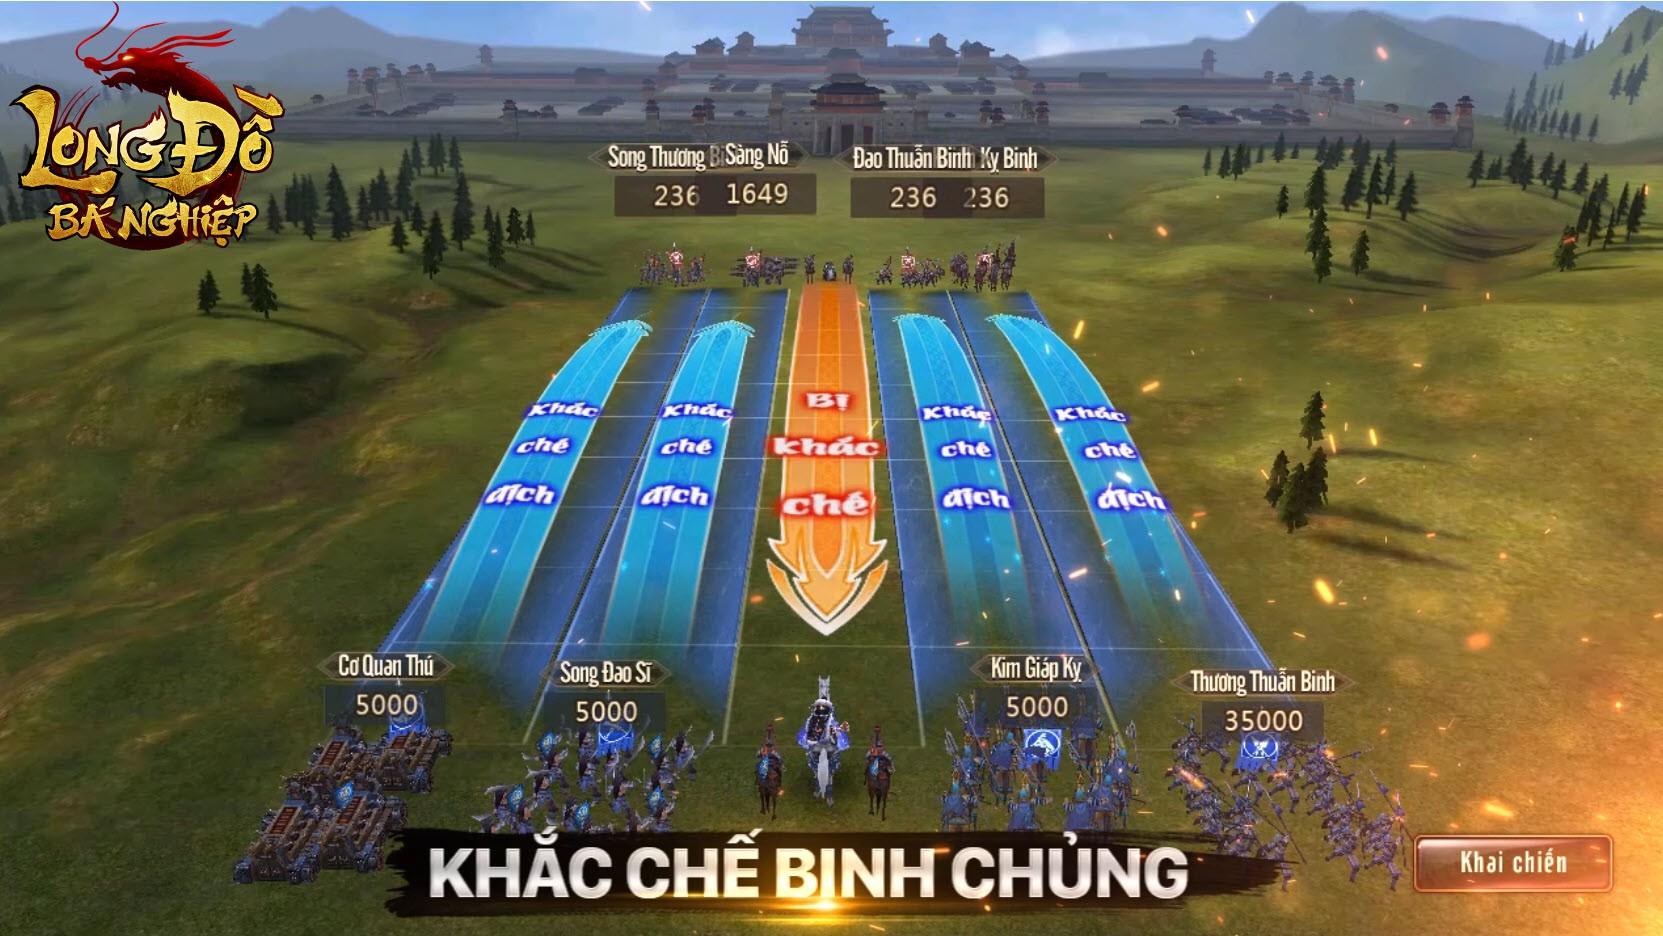 Đã có link tải chính thức Long Đồ Bá Nghiệp, bom tấn chiến thuật SLG Top 1 Châu Á ra mắt 22/01 - Ảnh 5.